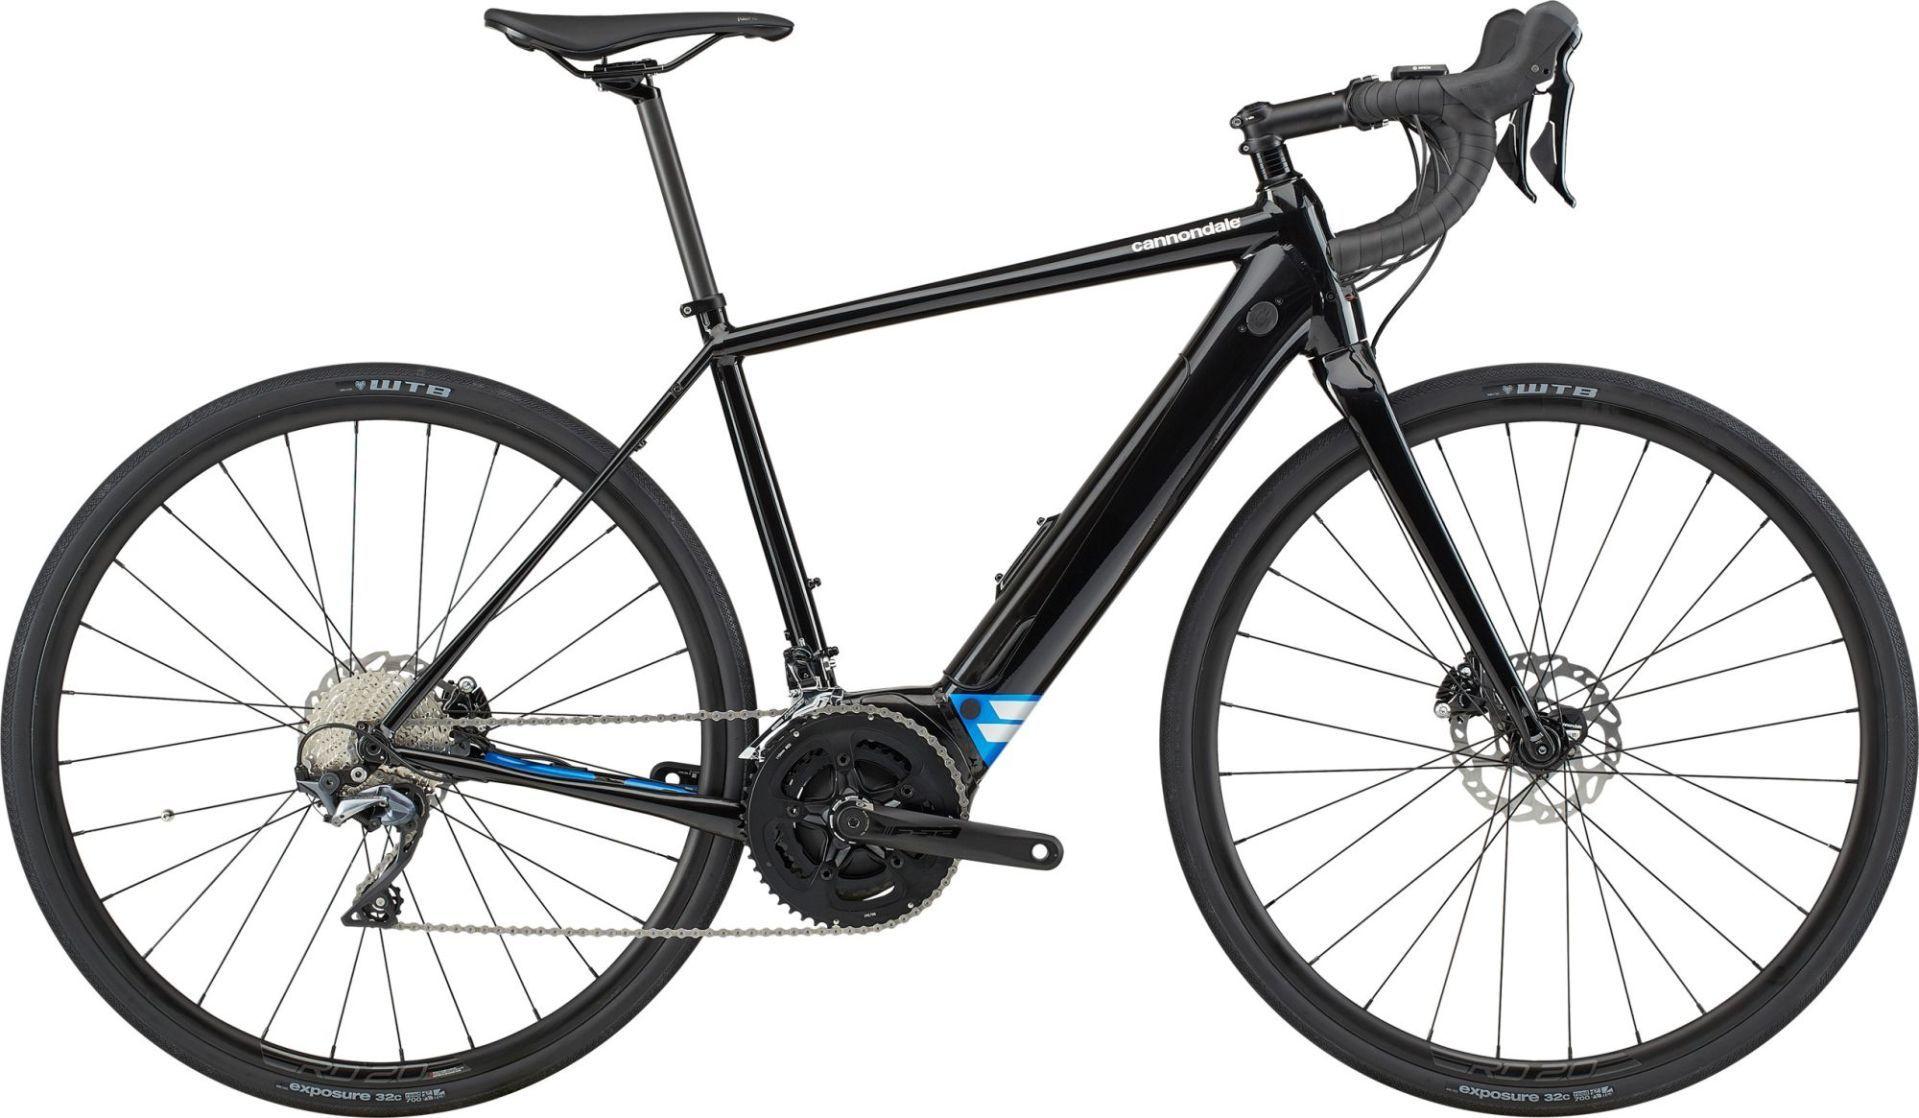 Cannondale Synapse Neo 1 országúti pedelec kerékpár - fekete - M (2020)